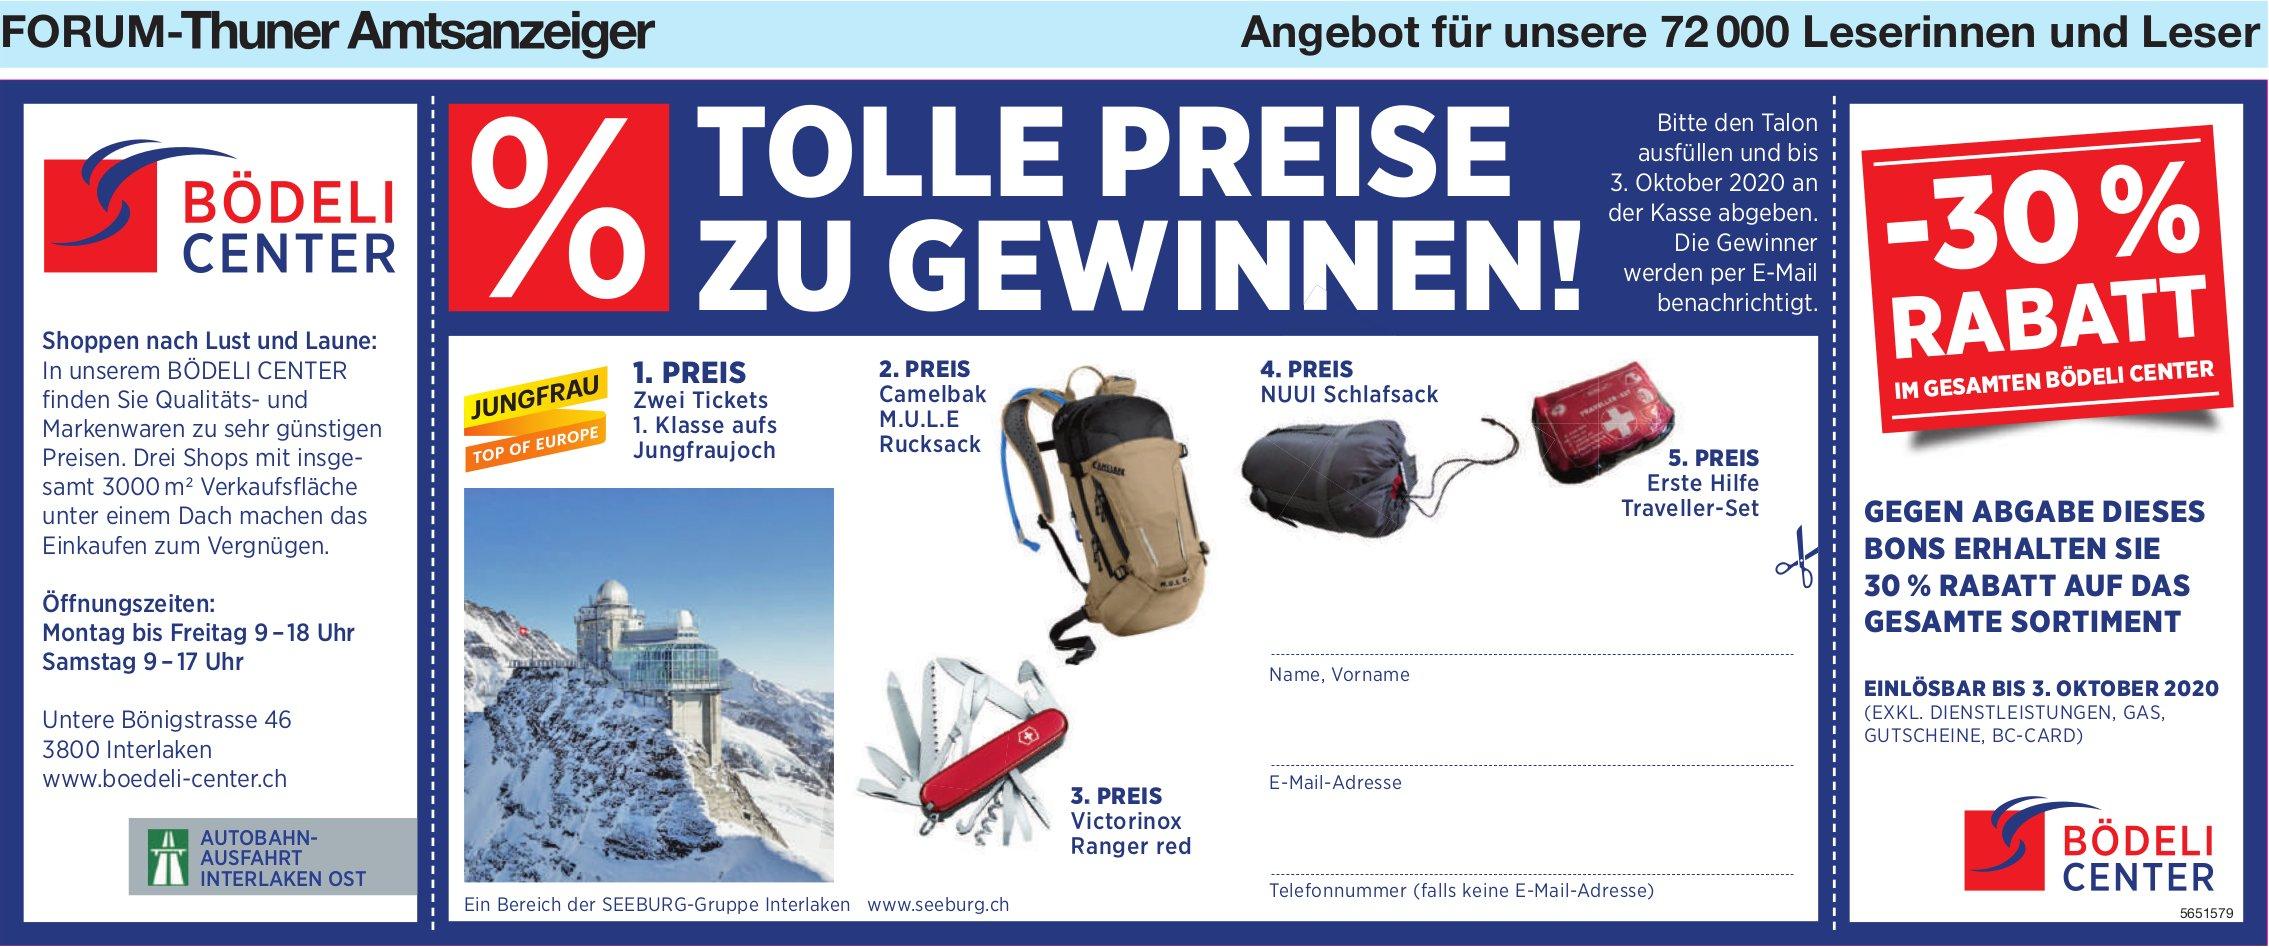 Forum-Thuner Amtsanzeiger - Tolle Preise zu Gewinnen! Bödeli Center